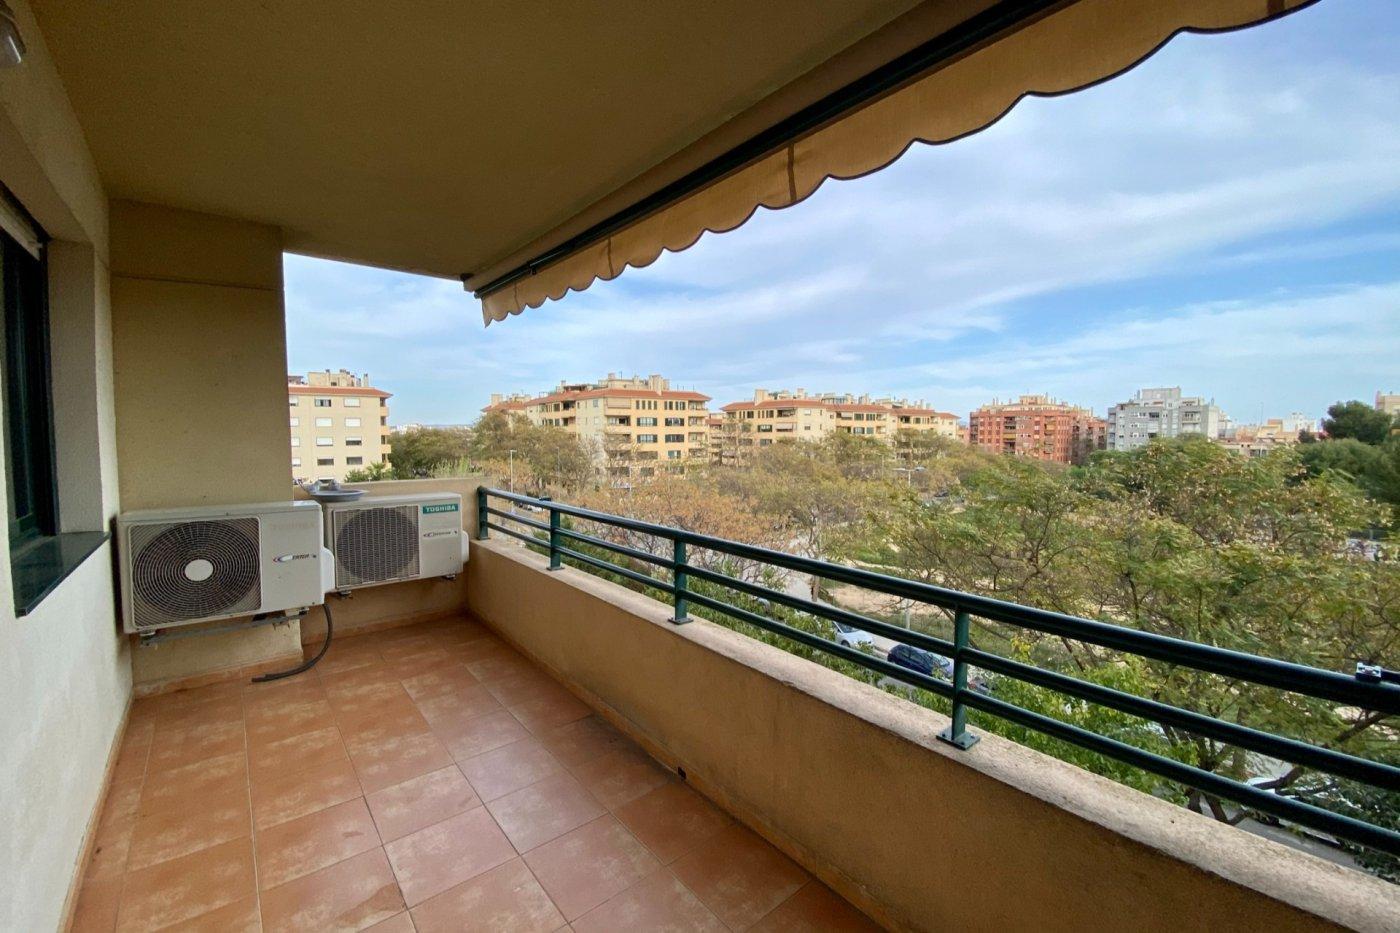 Piso sin muebles de 105 m² de superficie en zona residencial de son cotoner, palma de mall - imagenInmueble16